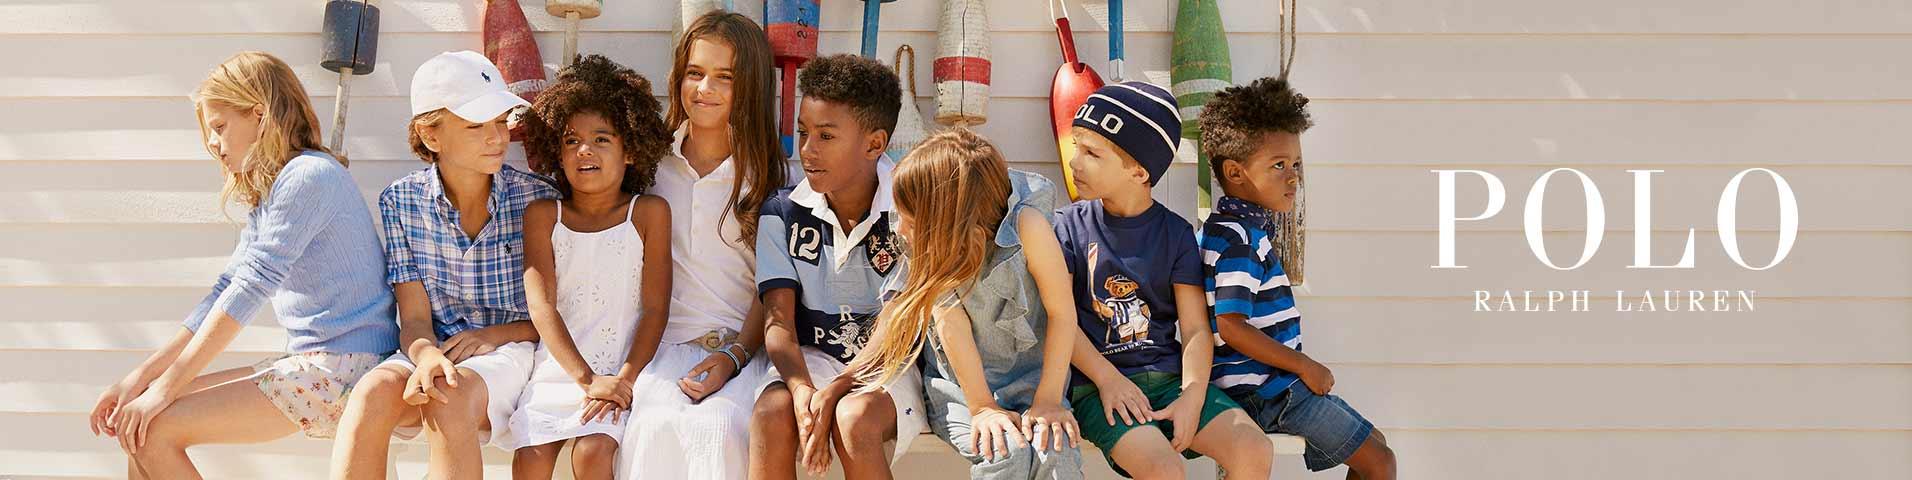 48efa774c4793 Articles pour enfant Ralph Lauren | Tous les articles chez Zalando